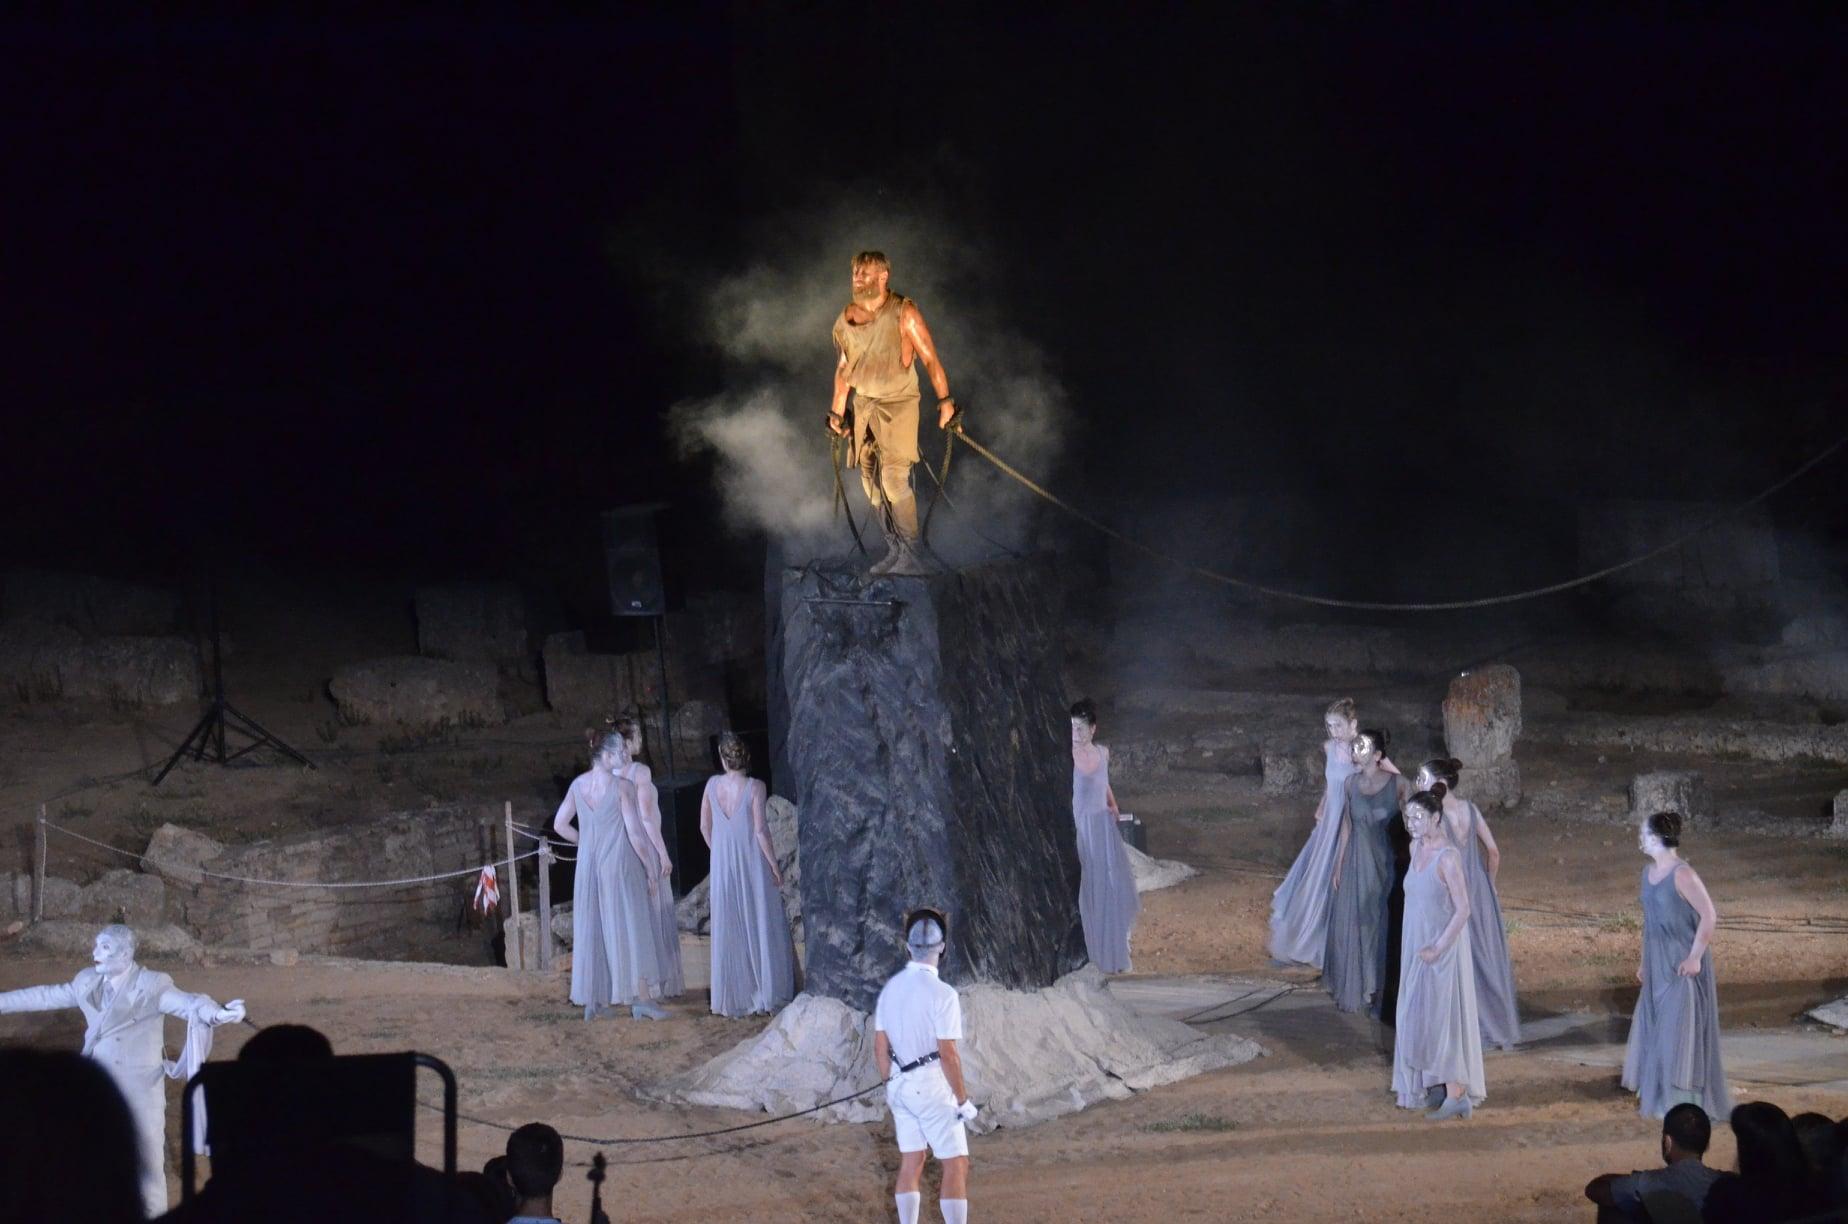 """Ευκλής Καλαμάτας: Παρακολούθησαν τον """"Προμηθέα Δεσμώτη"""" στην Αρχαία Ήλιδα"""